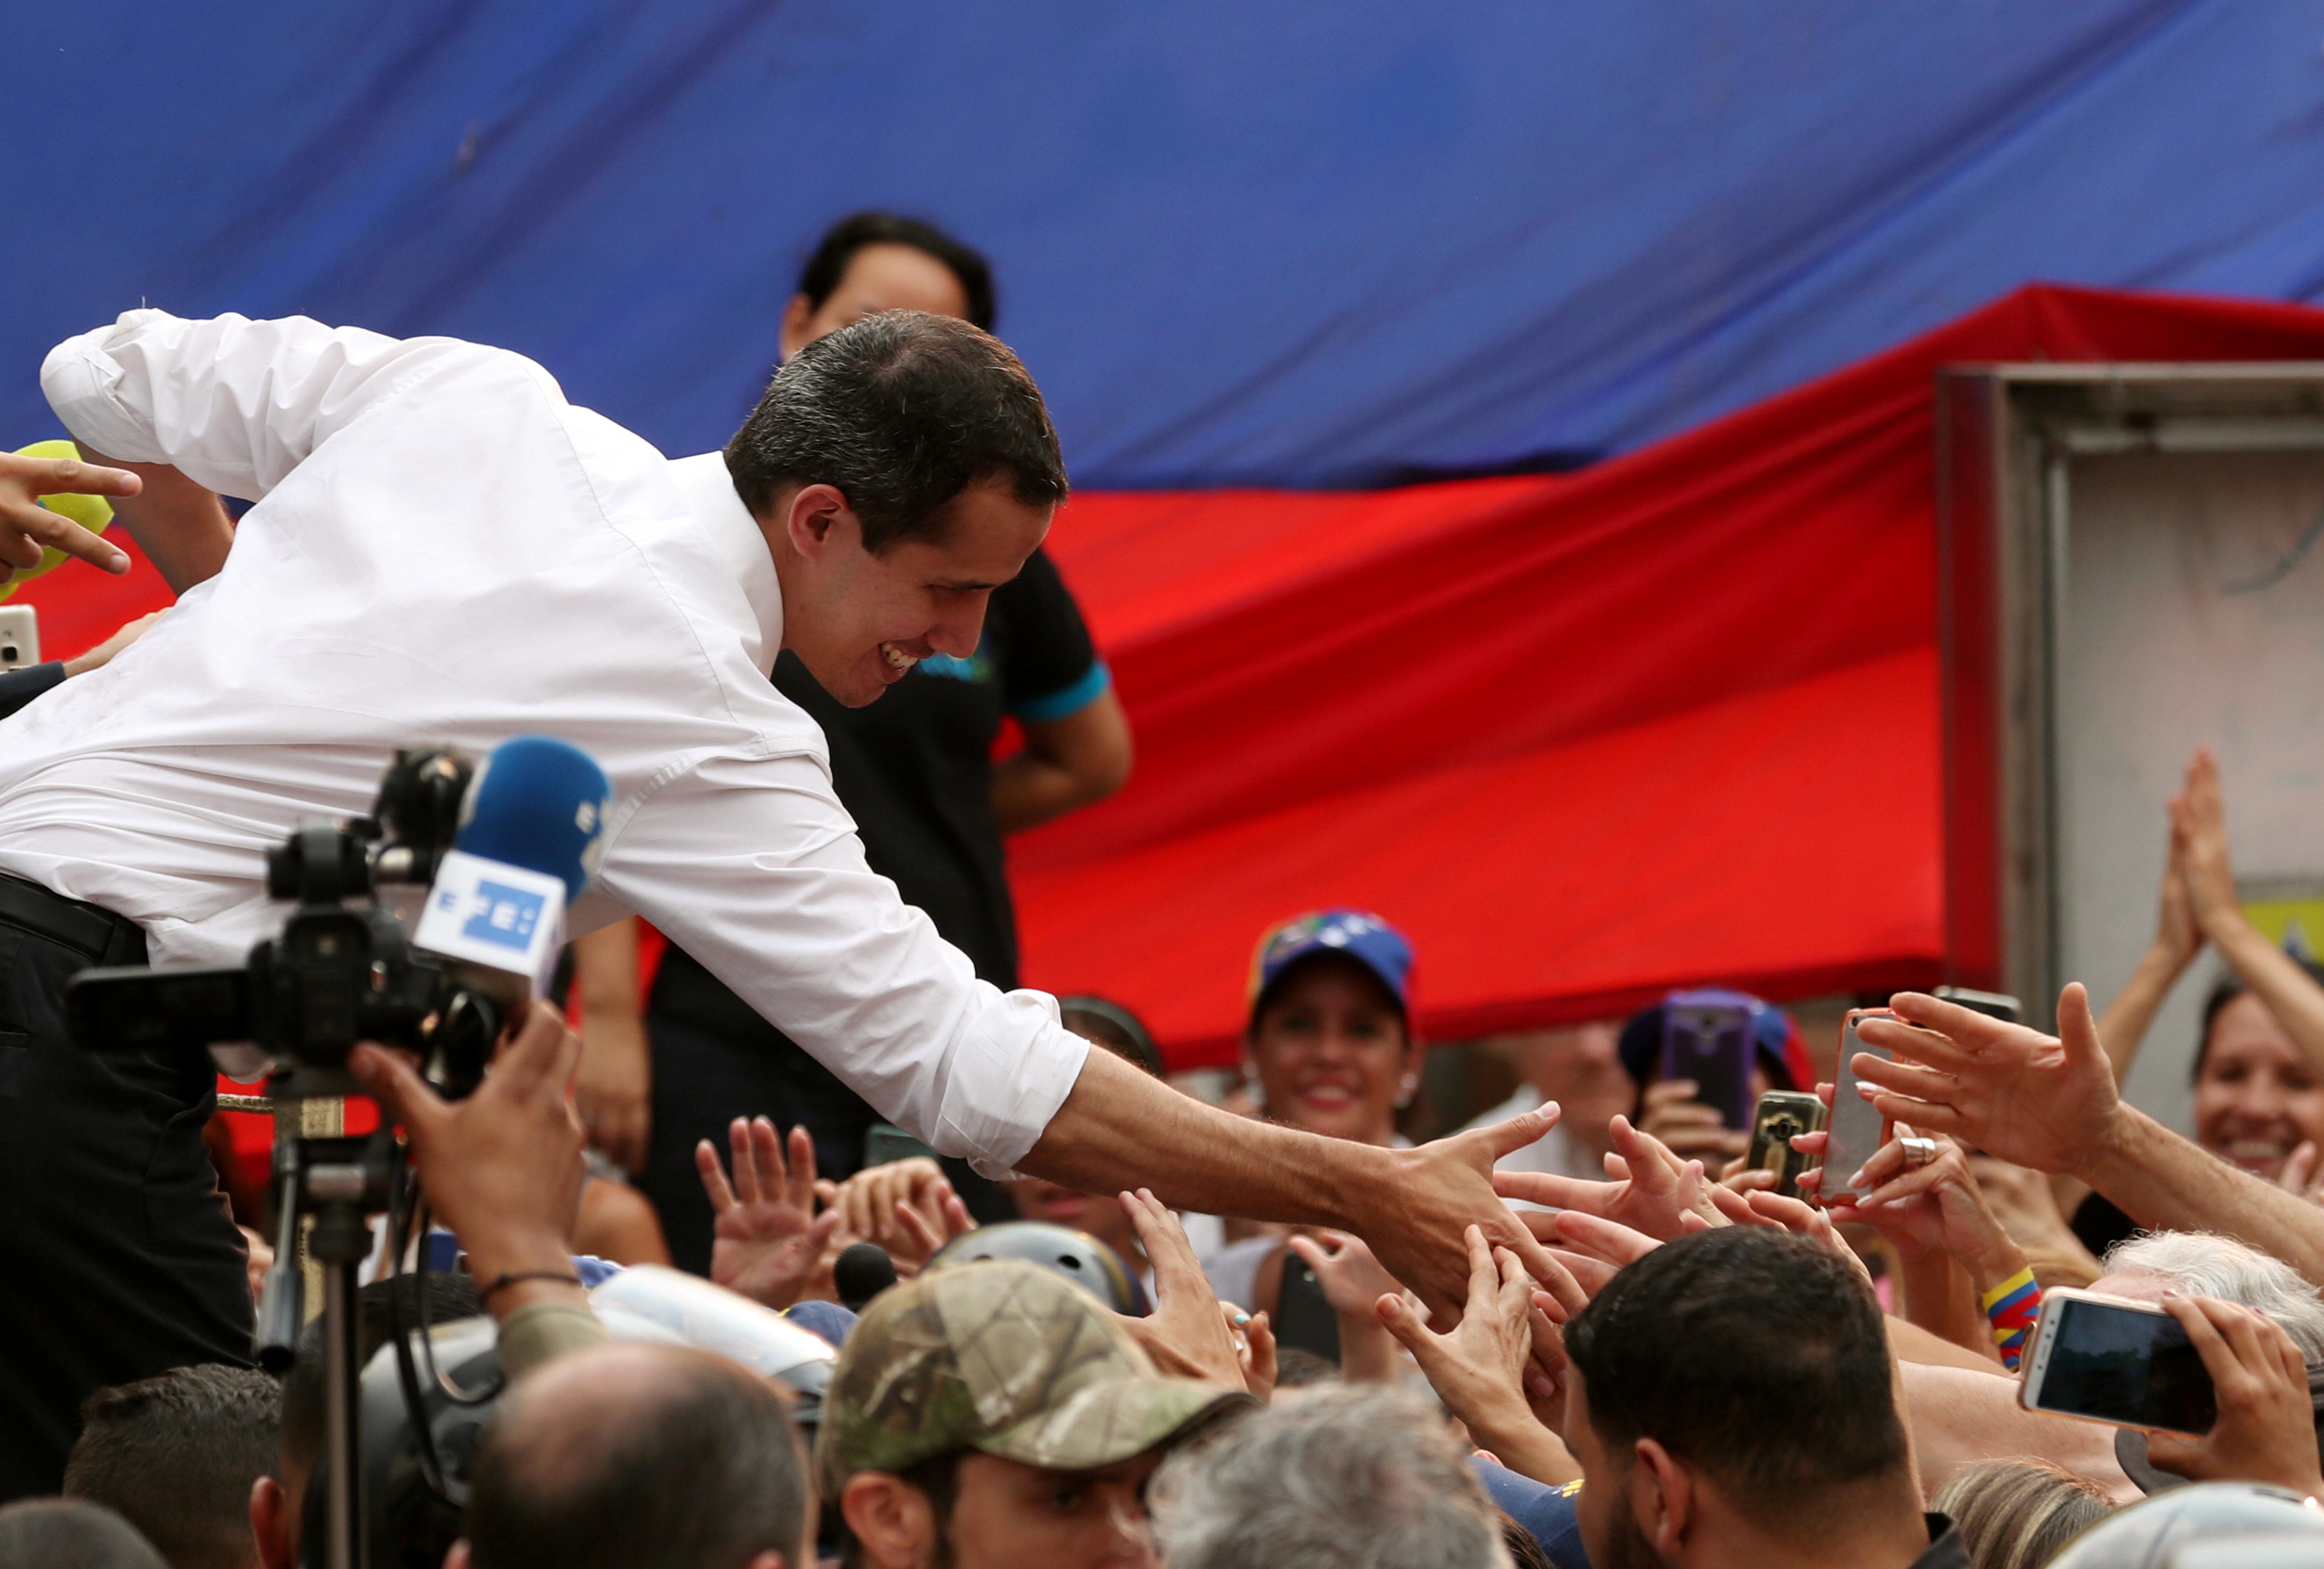 زعيم المعارضة يصافح عددا من المحتشدين